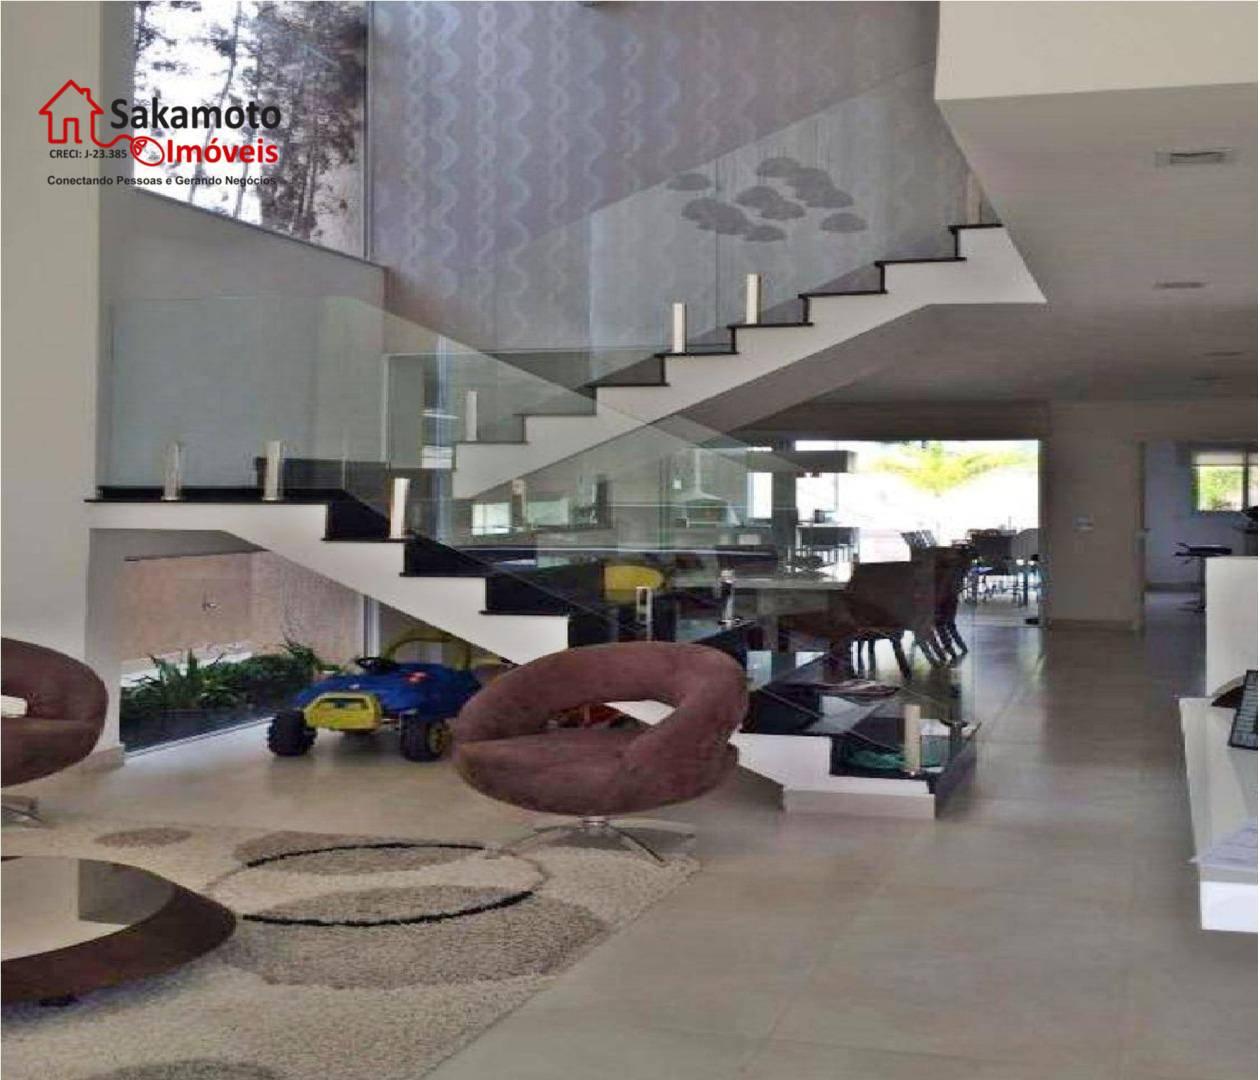 Sobrado residencial para venda e locação, Condomínio Giverny, Sorocaba.